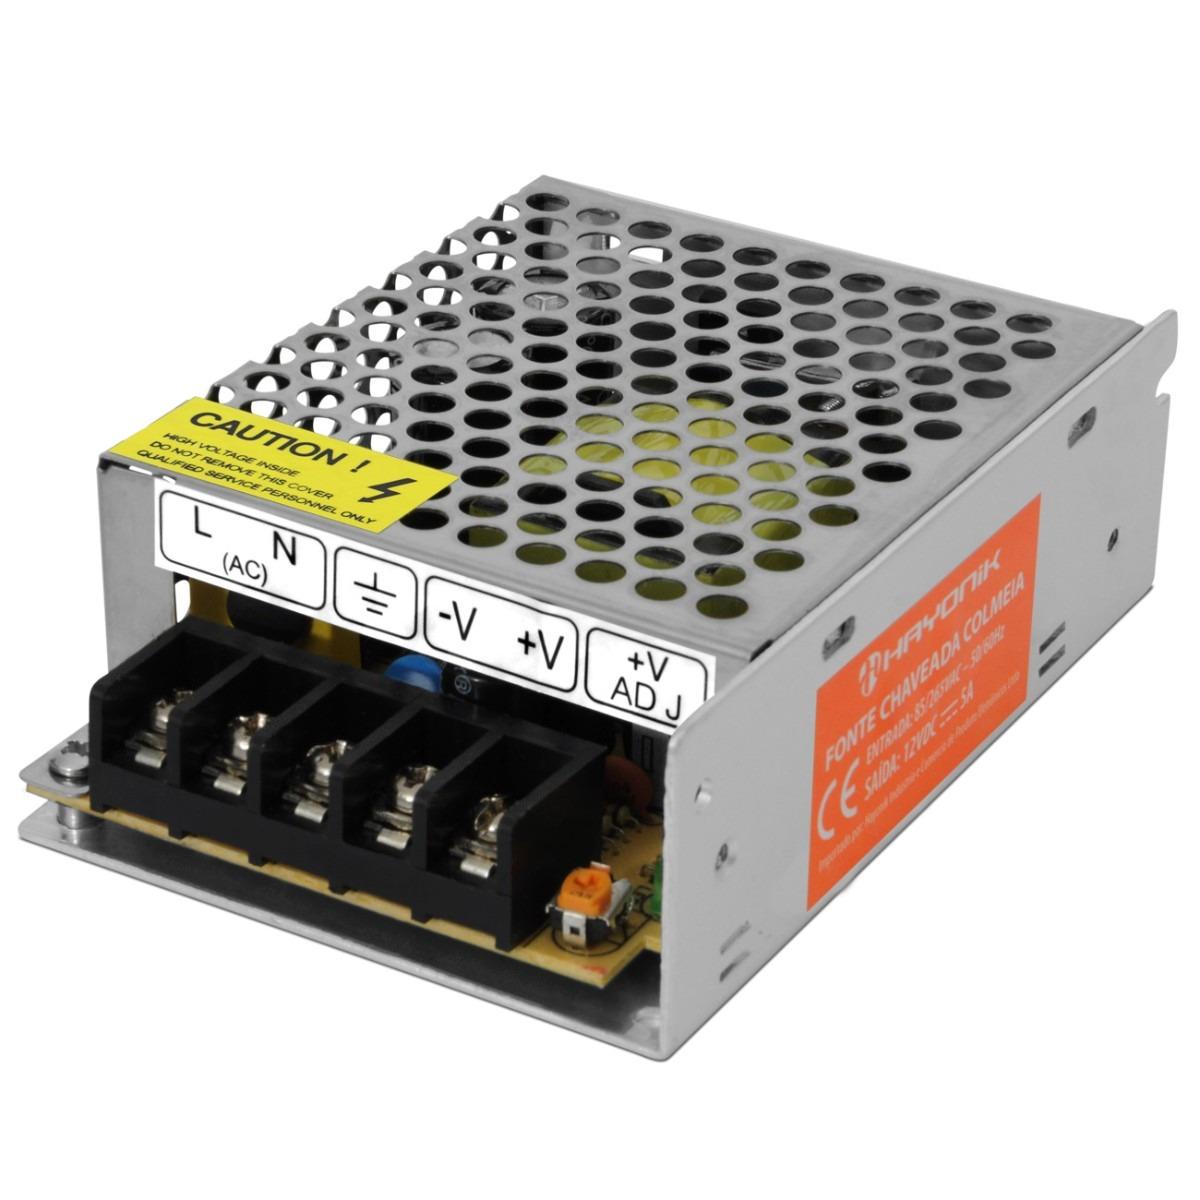 Fonte chaveada bivolt 110v 220v p 12v transformador 60w for Transformadores de corriente 220v a 12v